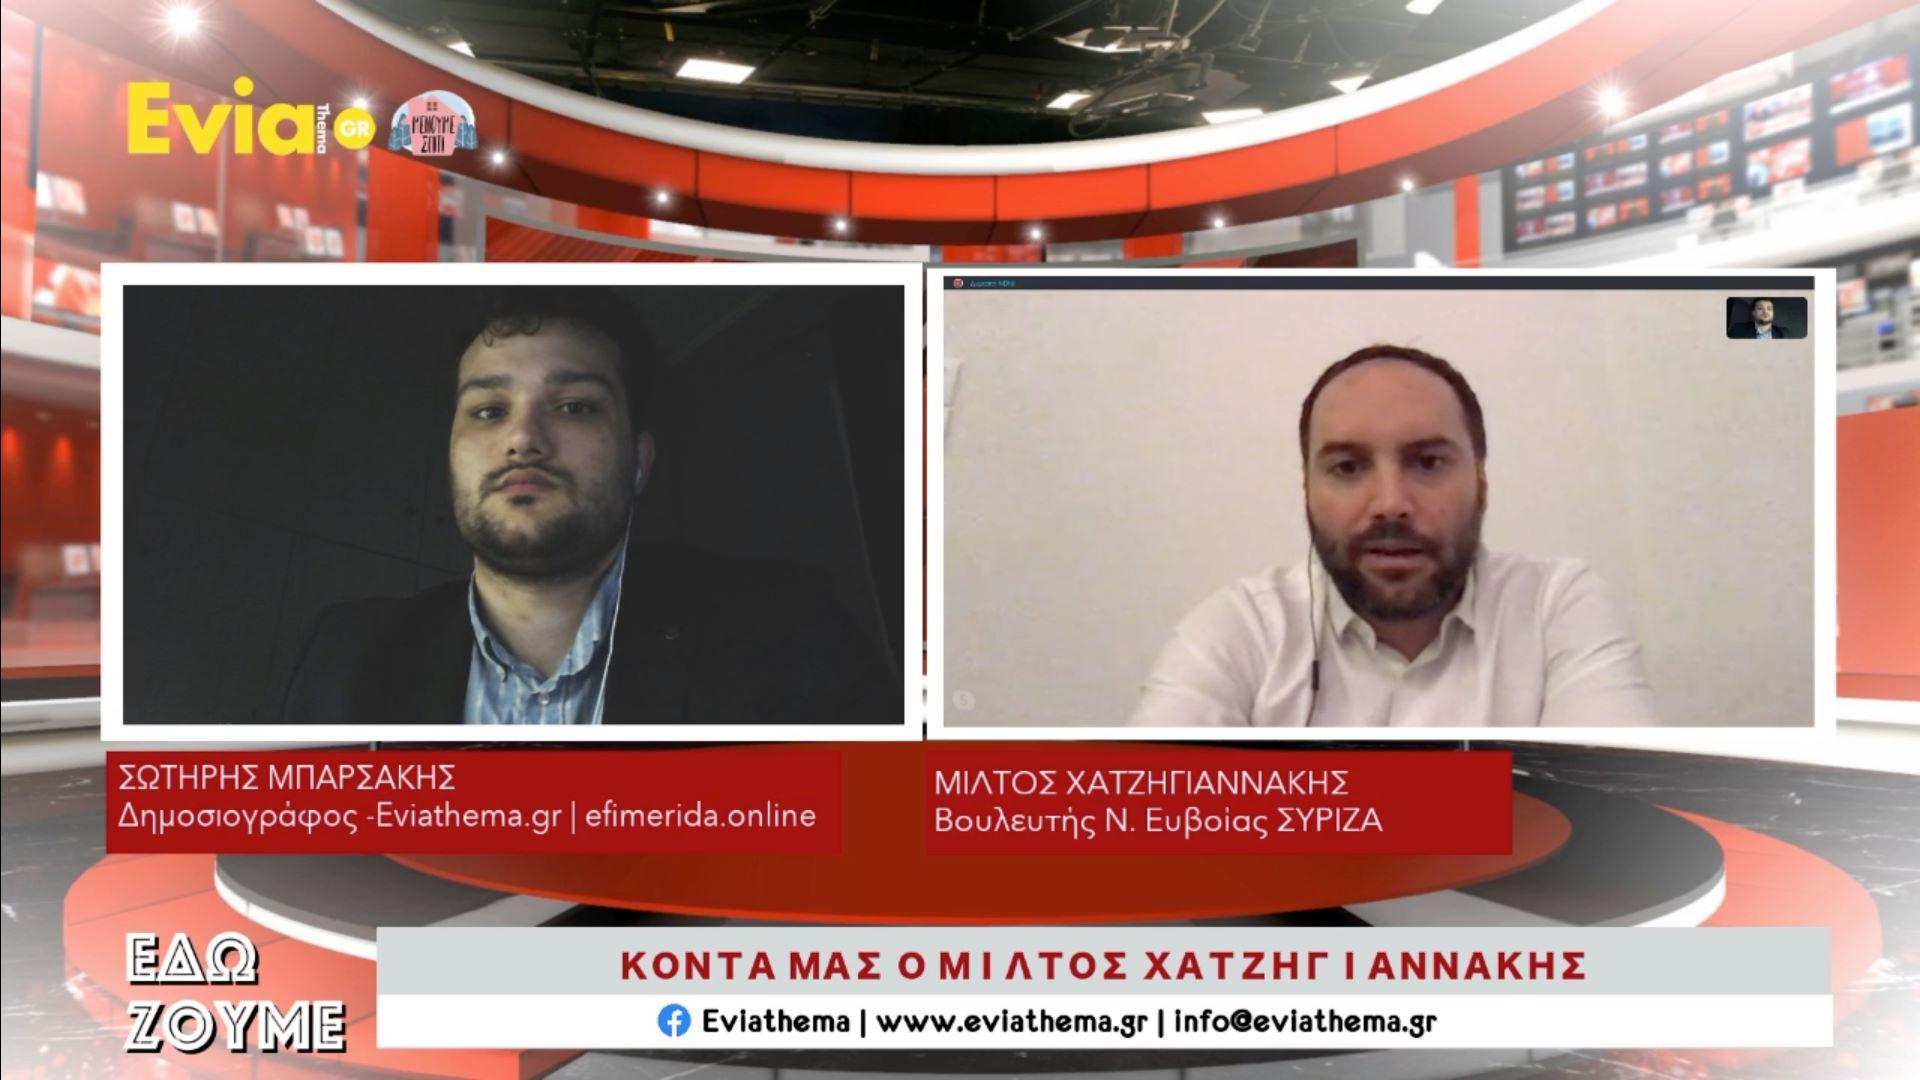 Μίλτος Χατζηγιαννάκης, Ο Μίλτος Χατζηγιαννάκης στην εκπομπή Εδώ Ζούμε για το Εθνικό σύστημα Υγείας, Eviathema.gr | Εύβοια Τοπ Νέα Ειδήσεις